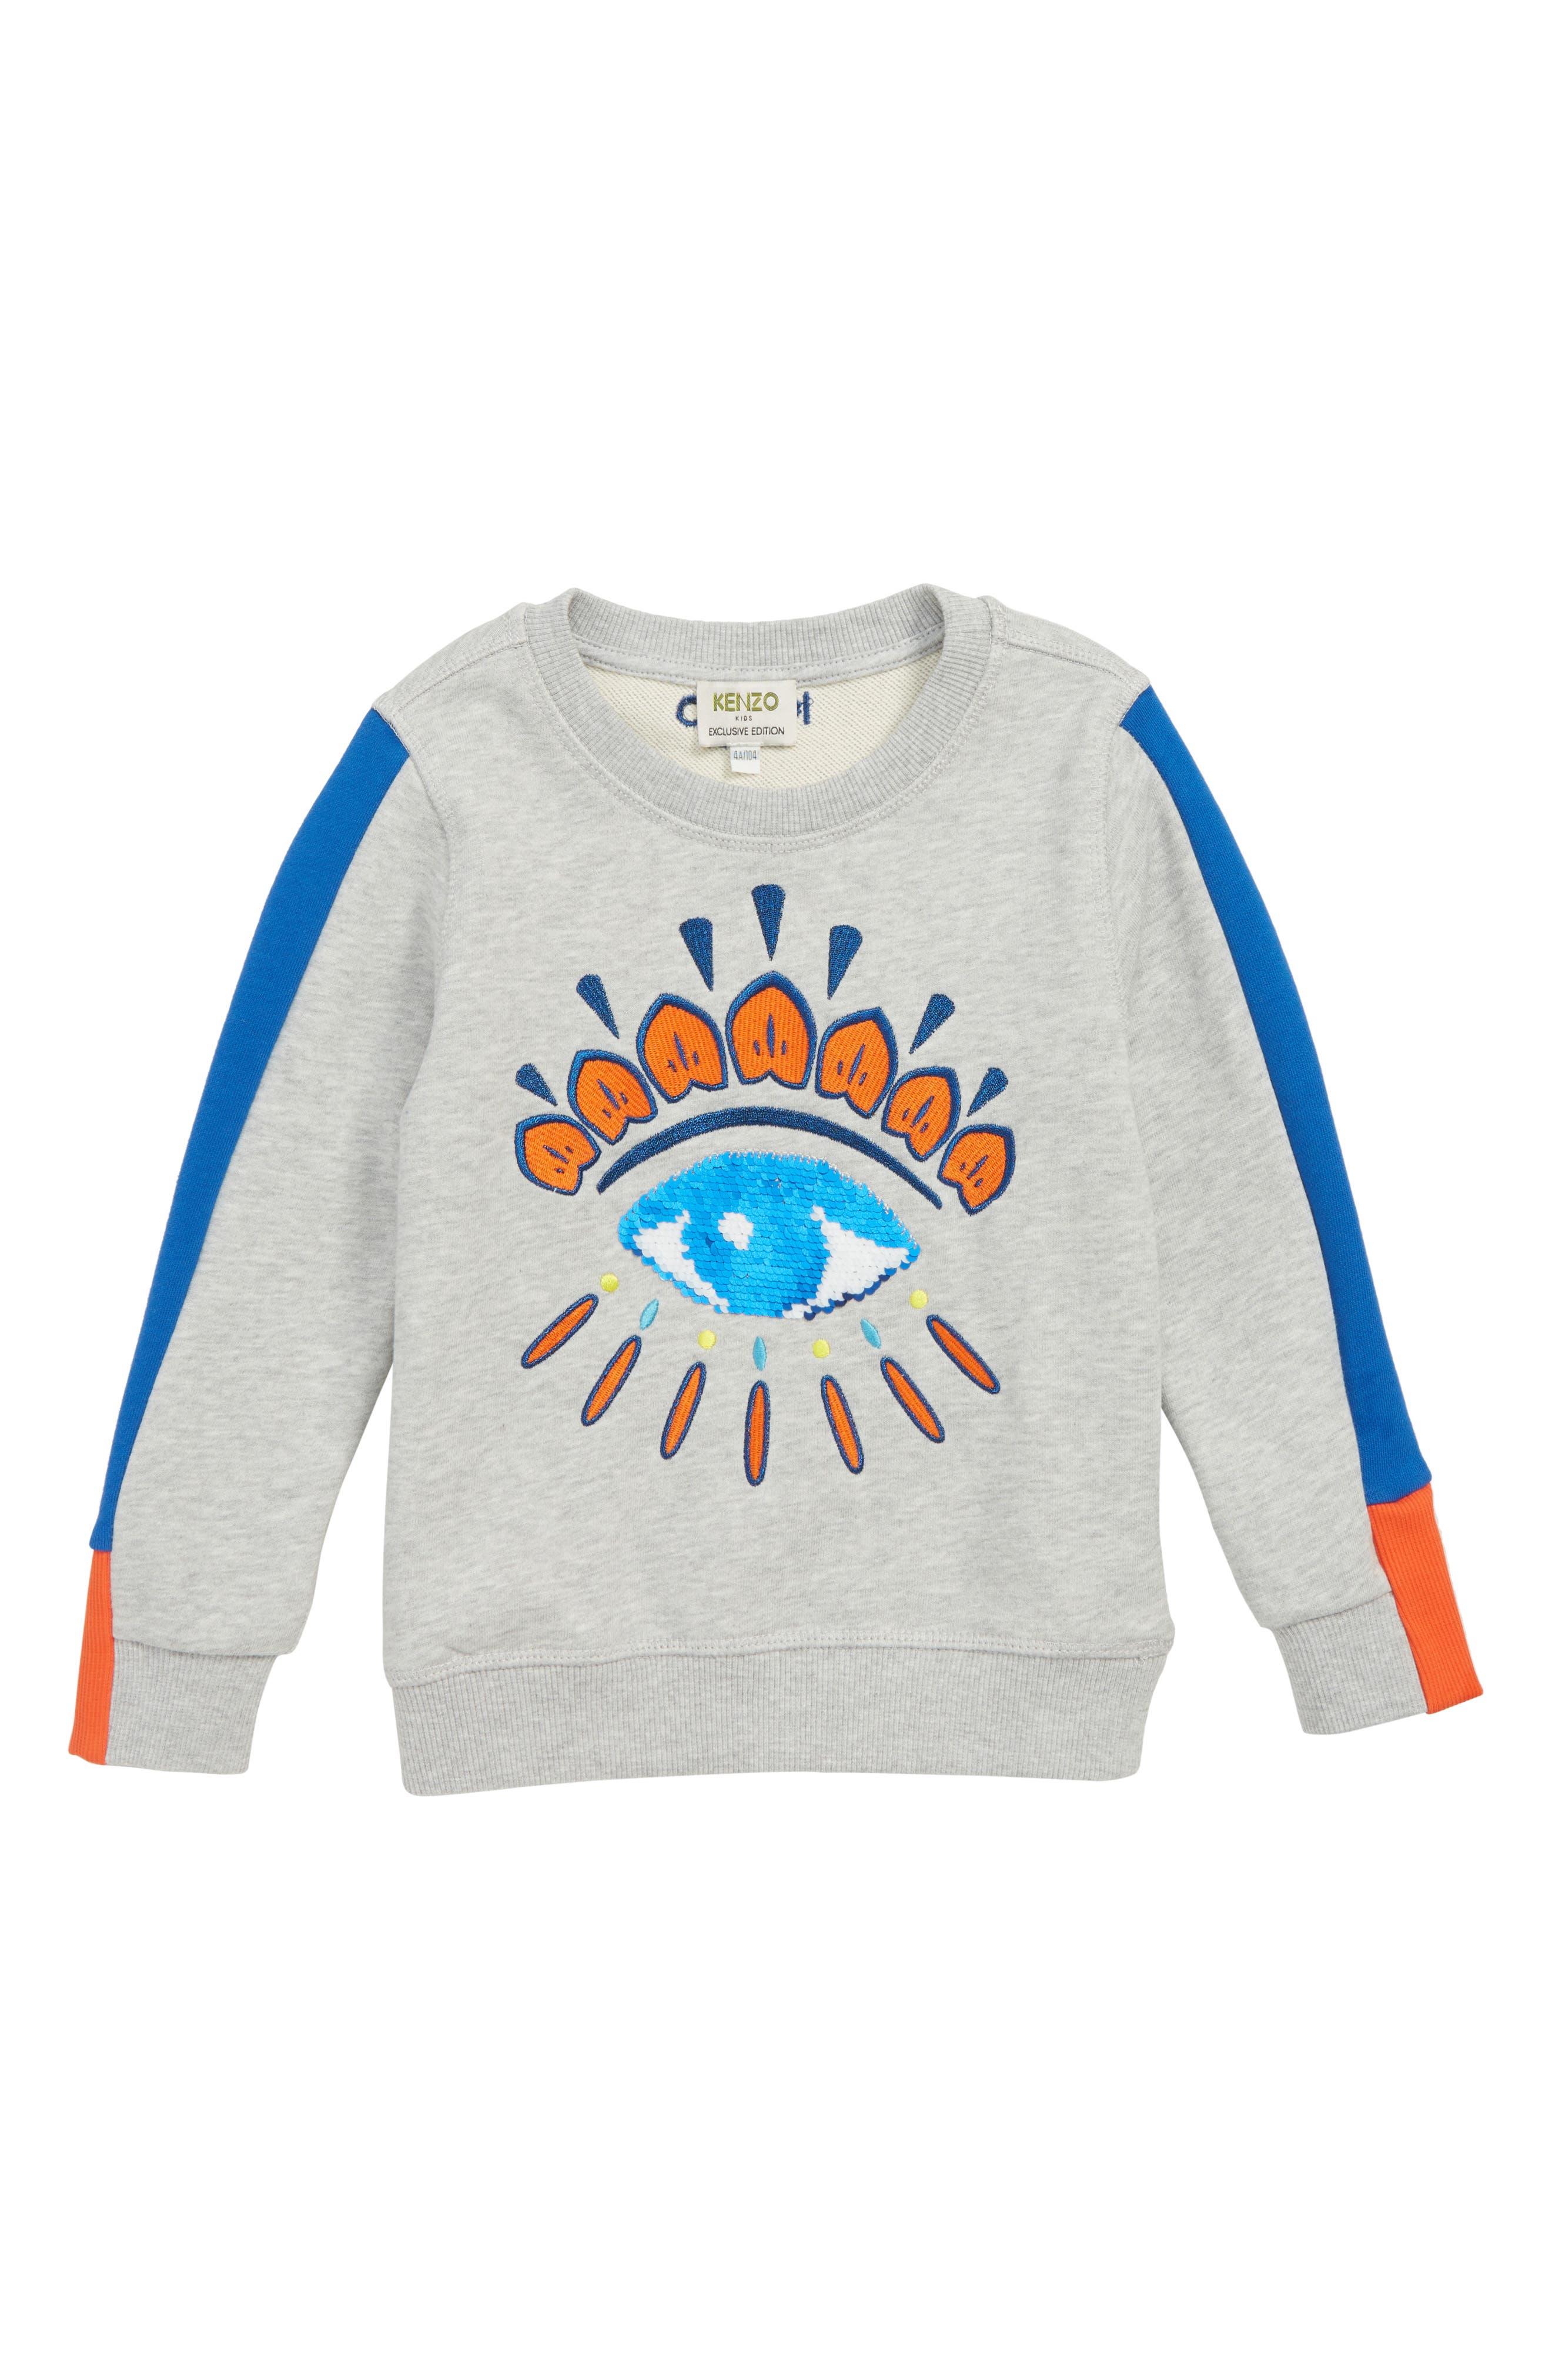 Boys Kenzo Flippable Sequin Eye Sweatshirt Size 4Y  Grey